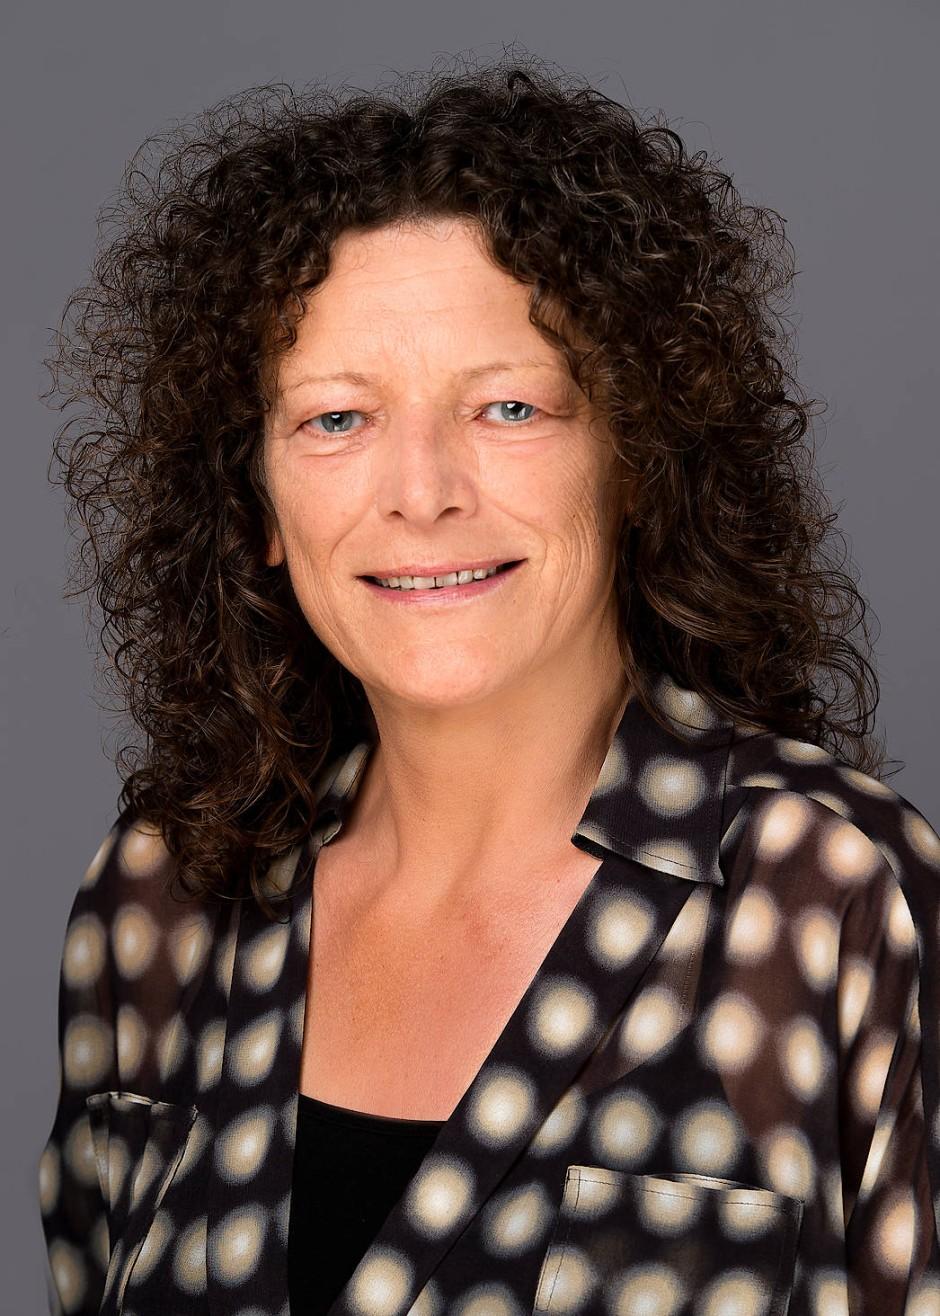 """Petra Söchting ist Psychologische Psychotherapeutin und seit 2012 Leiterin des Hilfetelefons """"Gewalt gegen Frauen"""" im Bundesamt für Familie und zivilgesellschaftliche Aufgaben."""